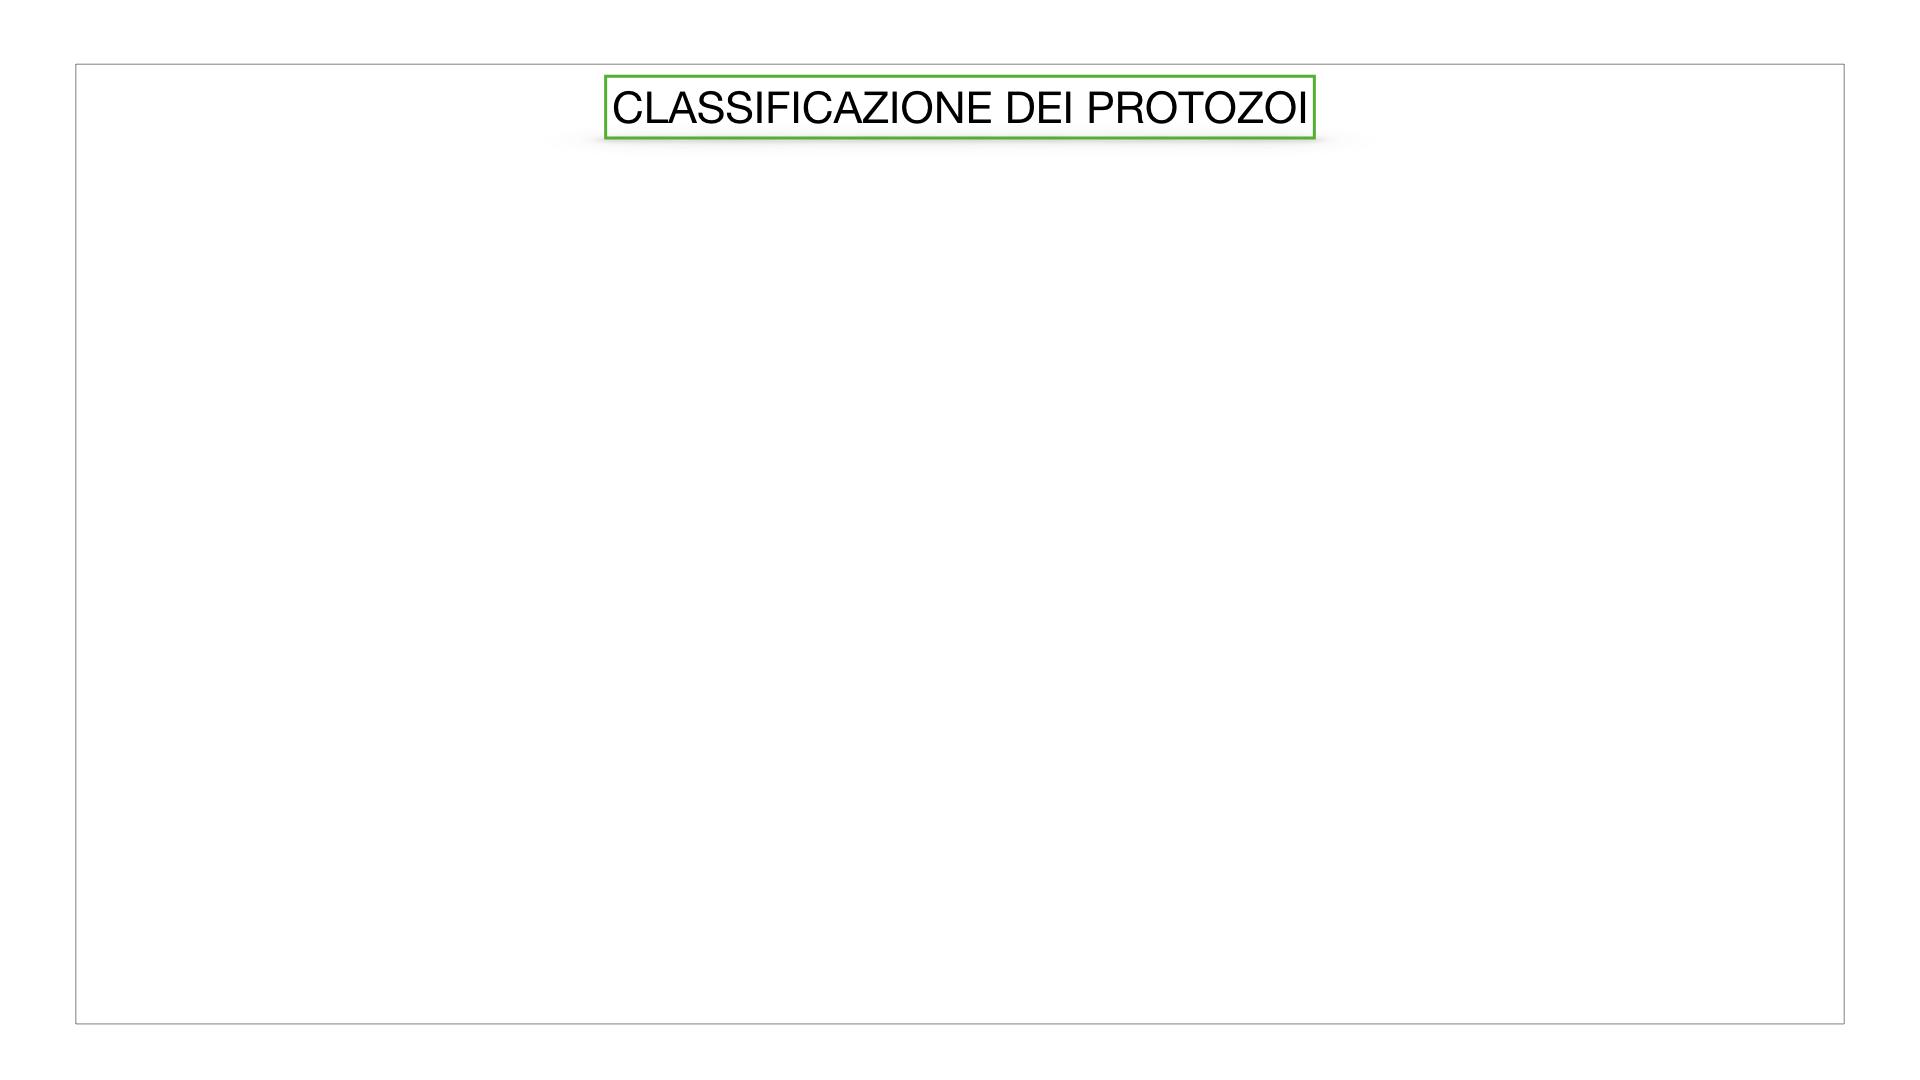 6. PROTOZOI_classificazione_SIMULAZIONE.001